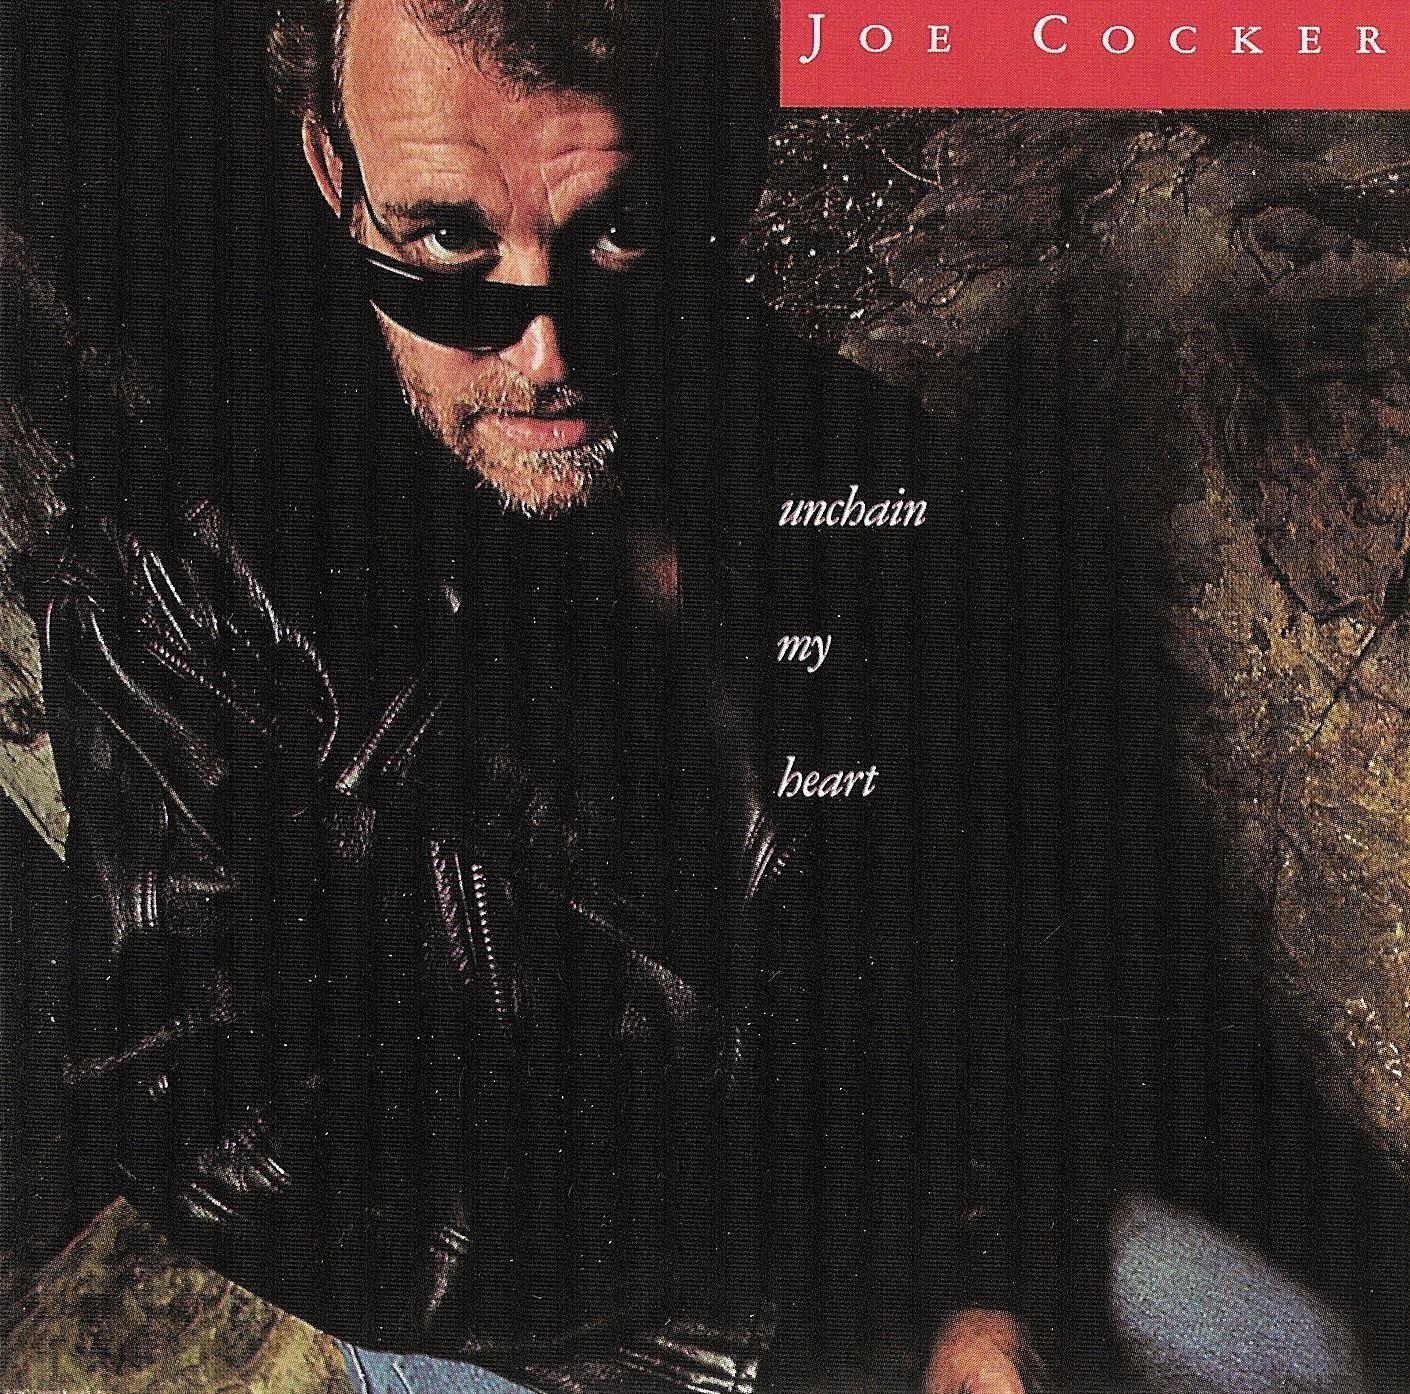 Joe Cocker - Heart And Soul